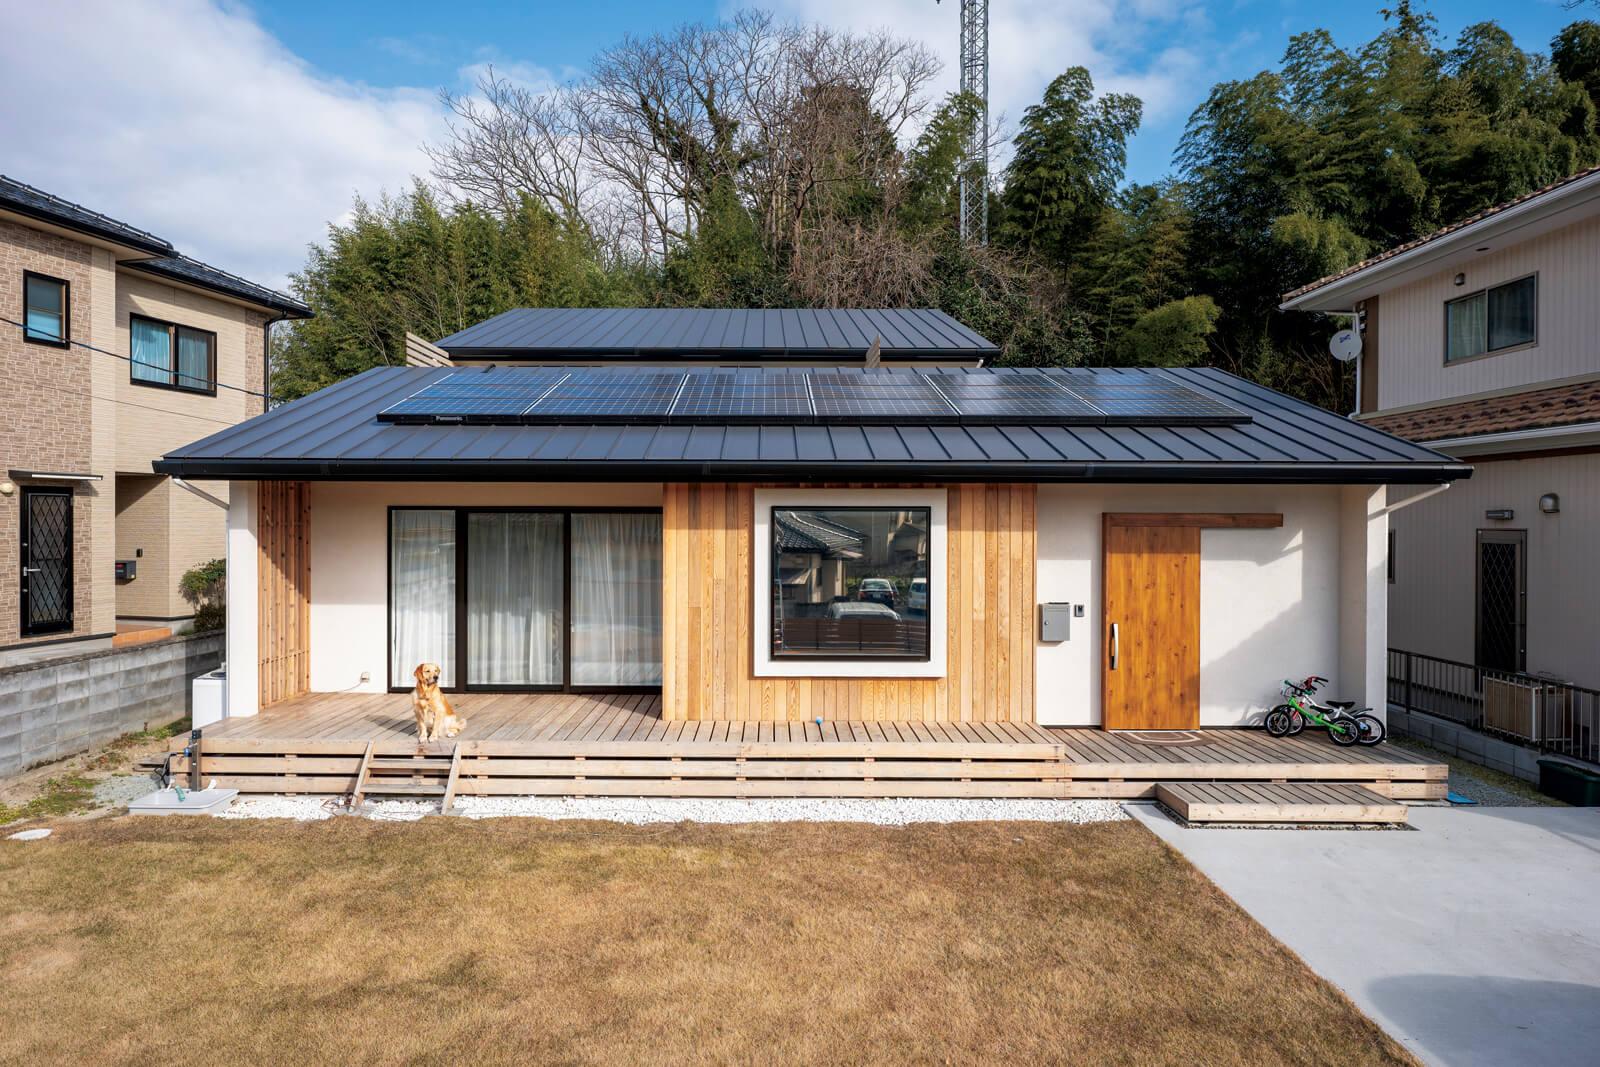 最初は平屋を希望したというHさん。設計の工夫で平屋のように見える2階建てに。屋根には太陽光発電パネルを搭載した。Hさんの長年の夢だった大型犬との暮らしも実現。広いウッドデッキは愛犬サクラちゃんの遊び場用に設けた